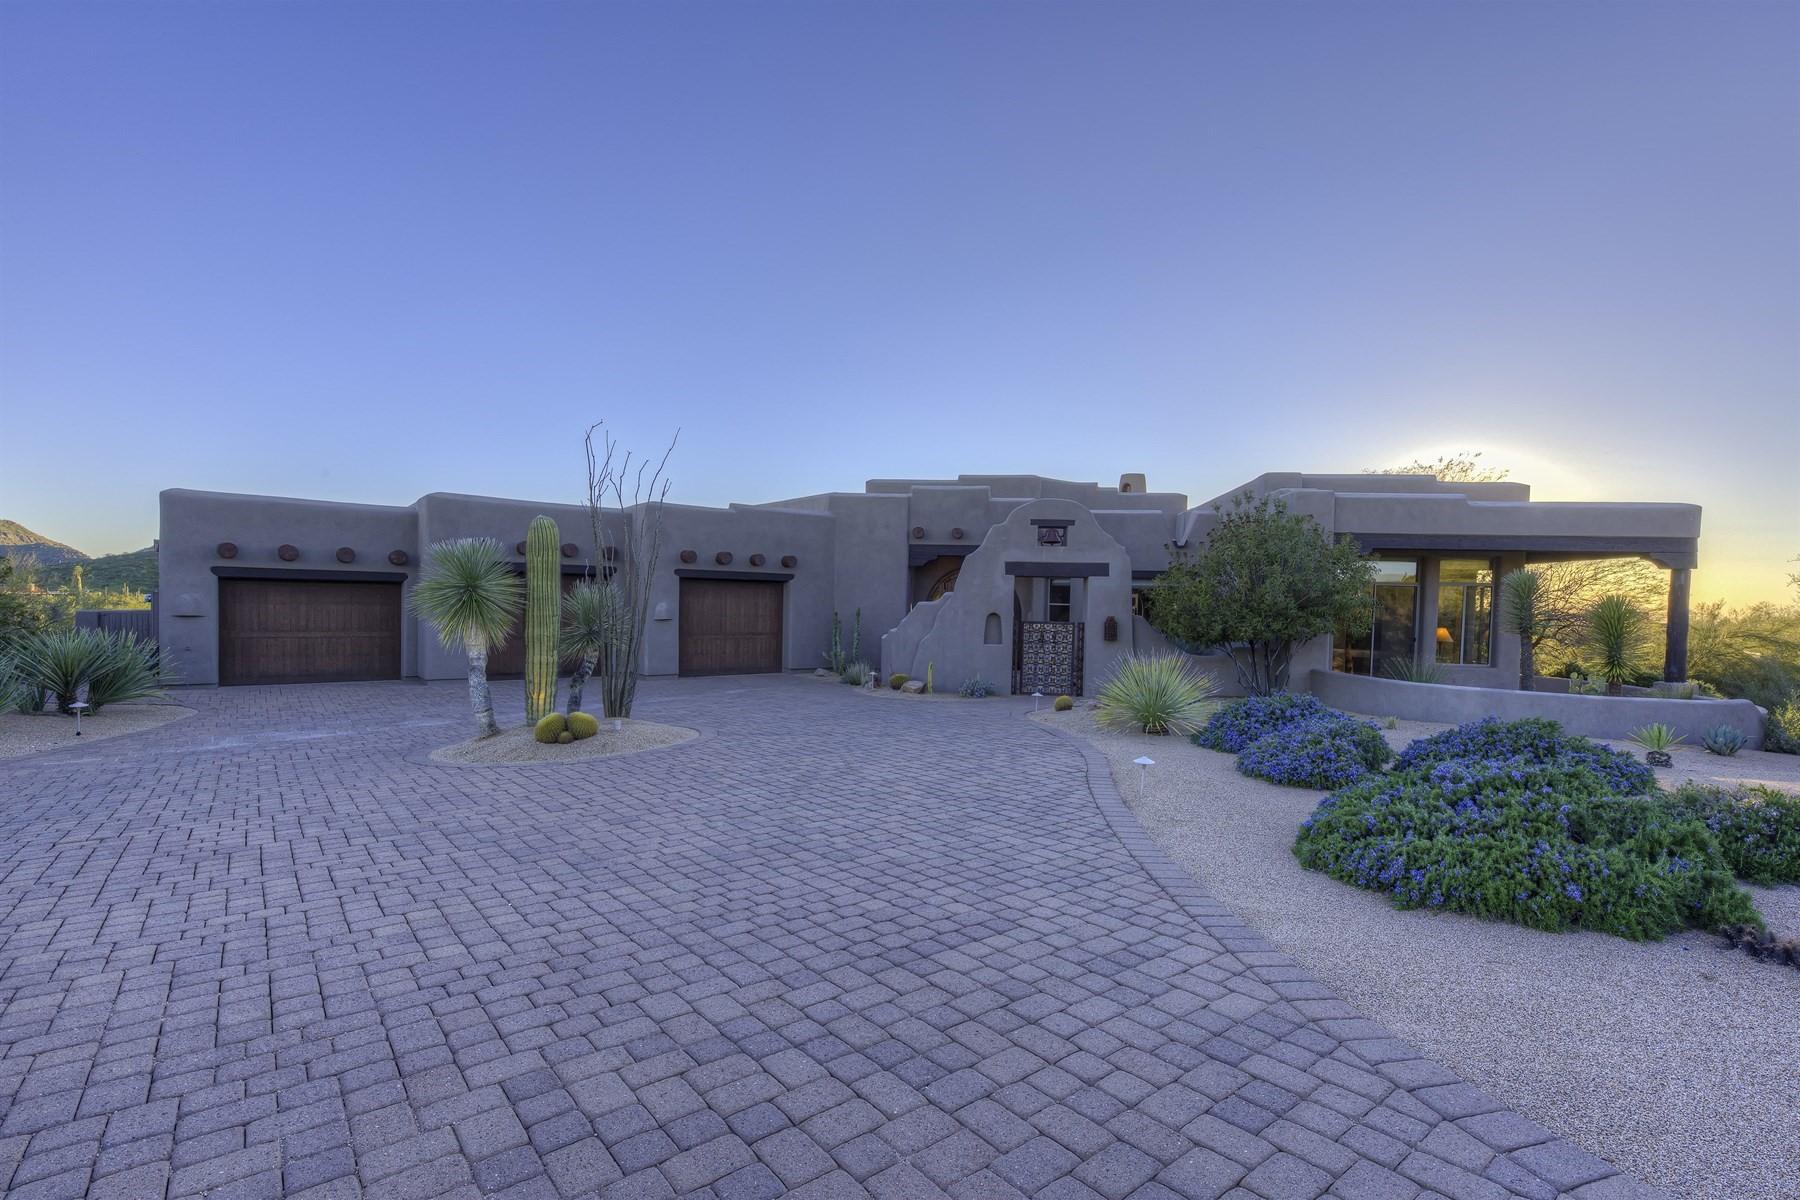 단독 가정 주택 용 매매 에 Custom territorial style home with amazing mountain views 10231 E Whispering Wind Dr Scottsdale, 아리조나, 85255 미국